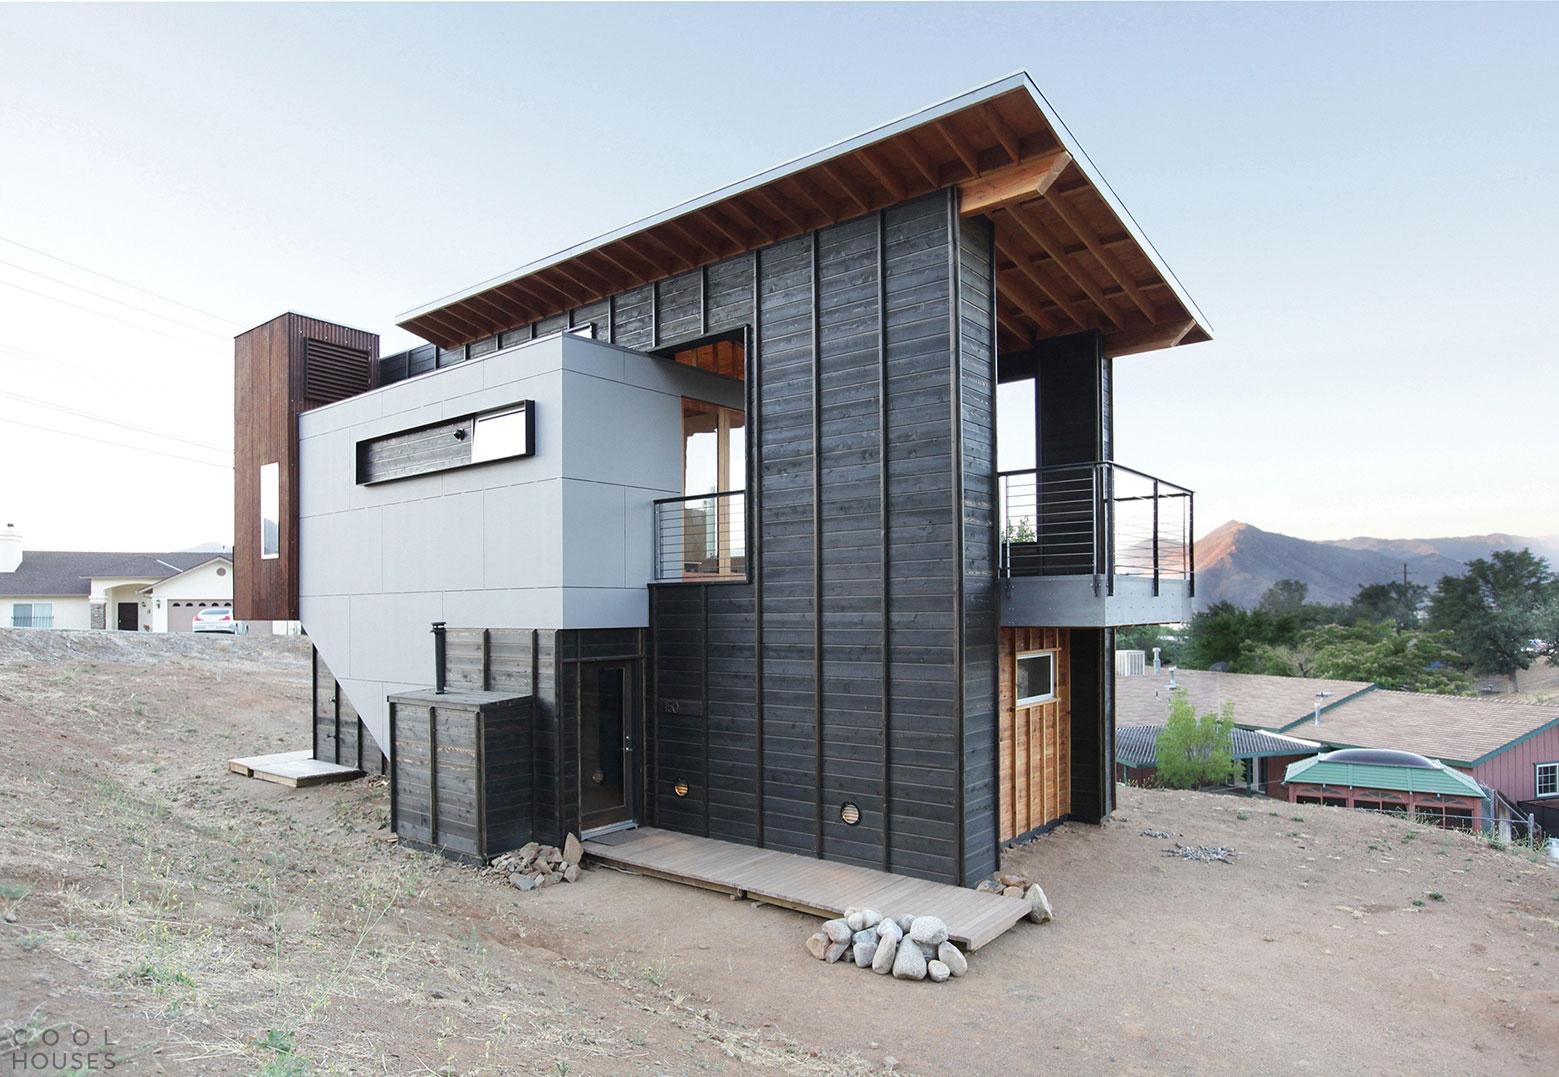 Загородный дом в высокогорной пустыне недалеко от озера Изабелла, США